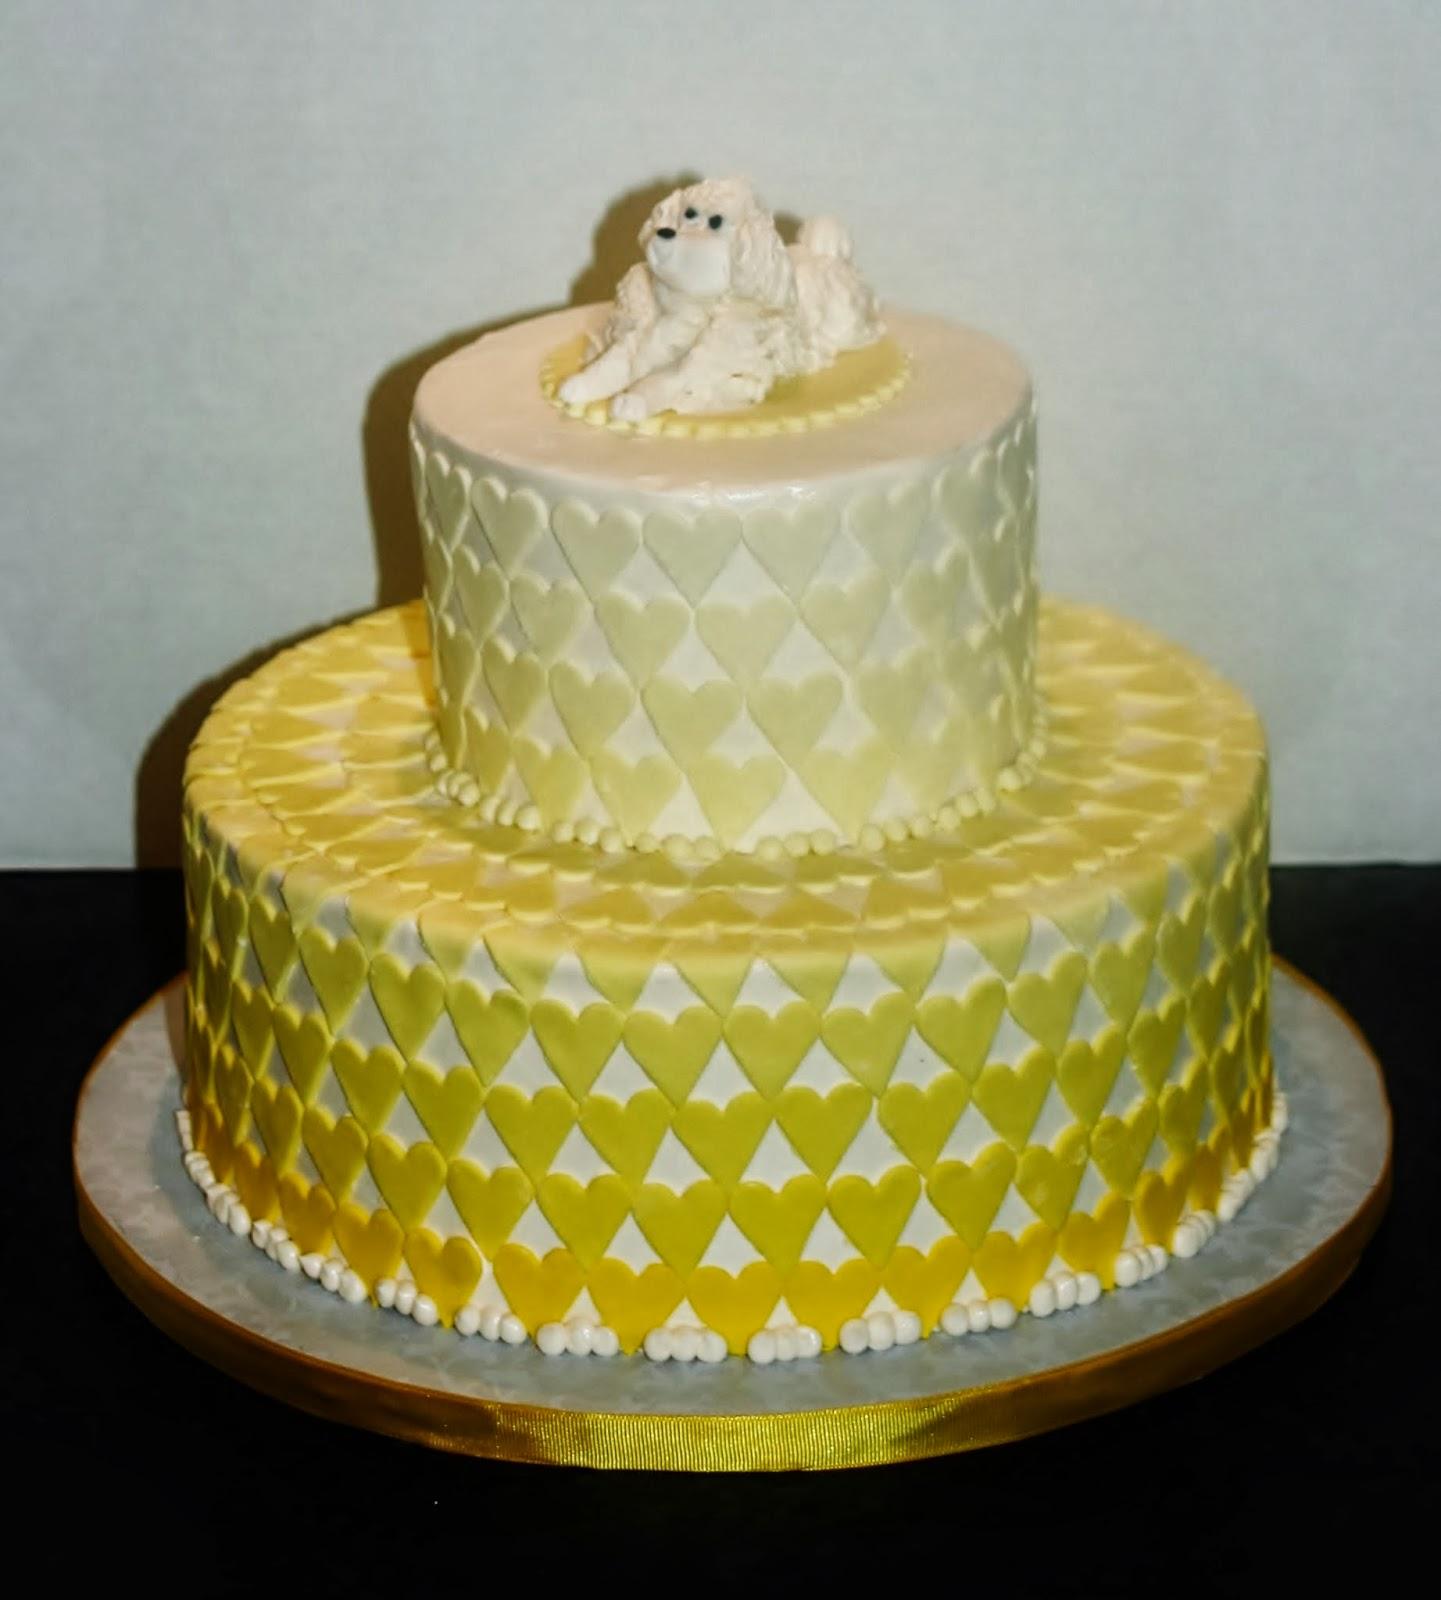 Edge Desserts: Birthday Cakes